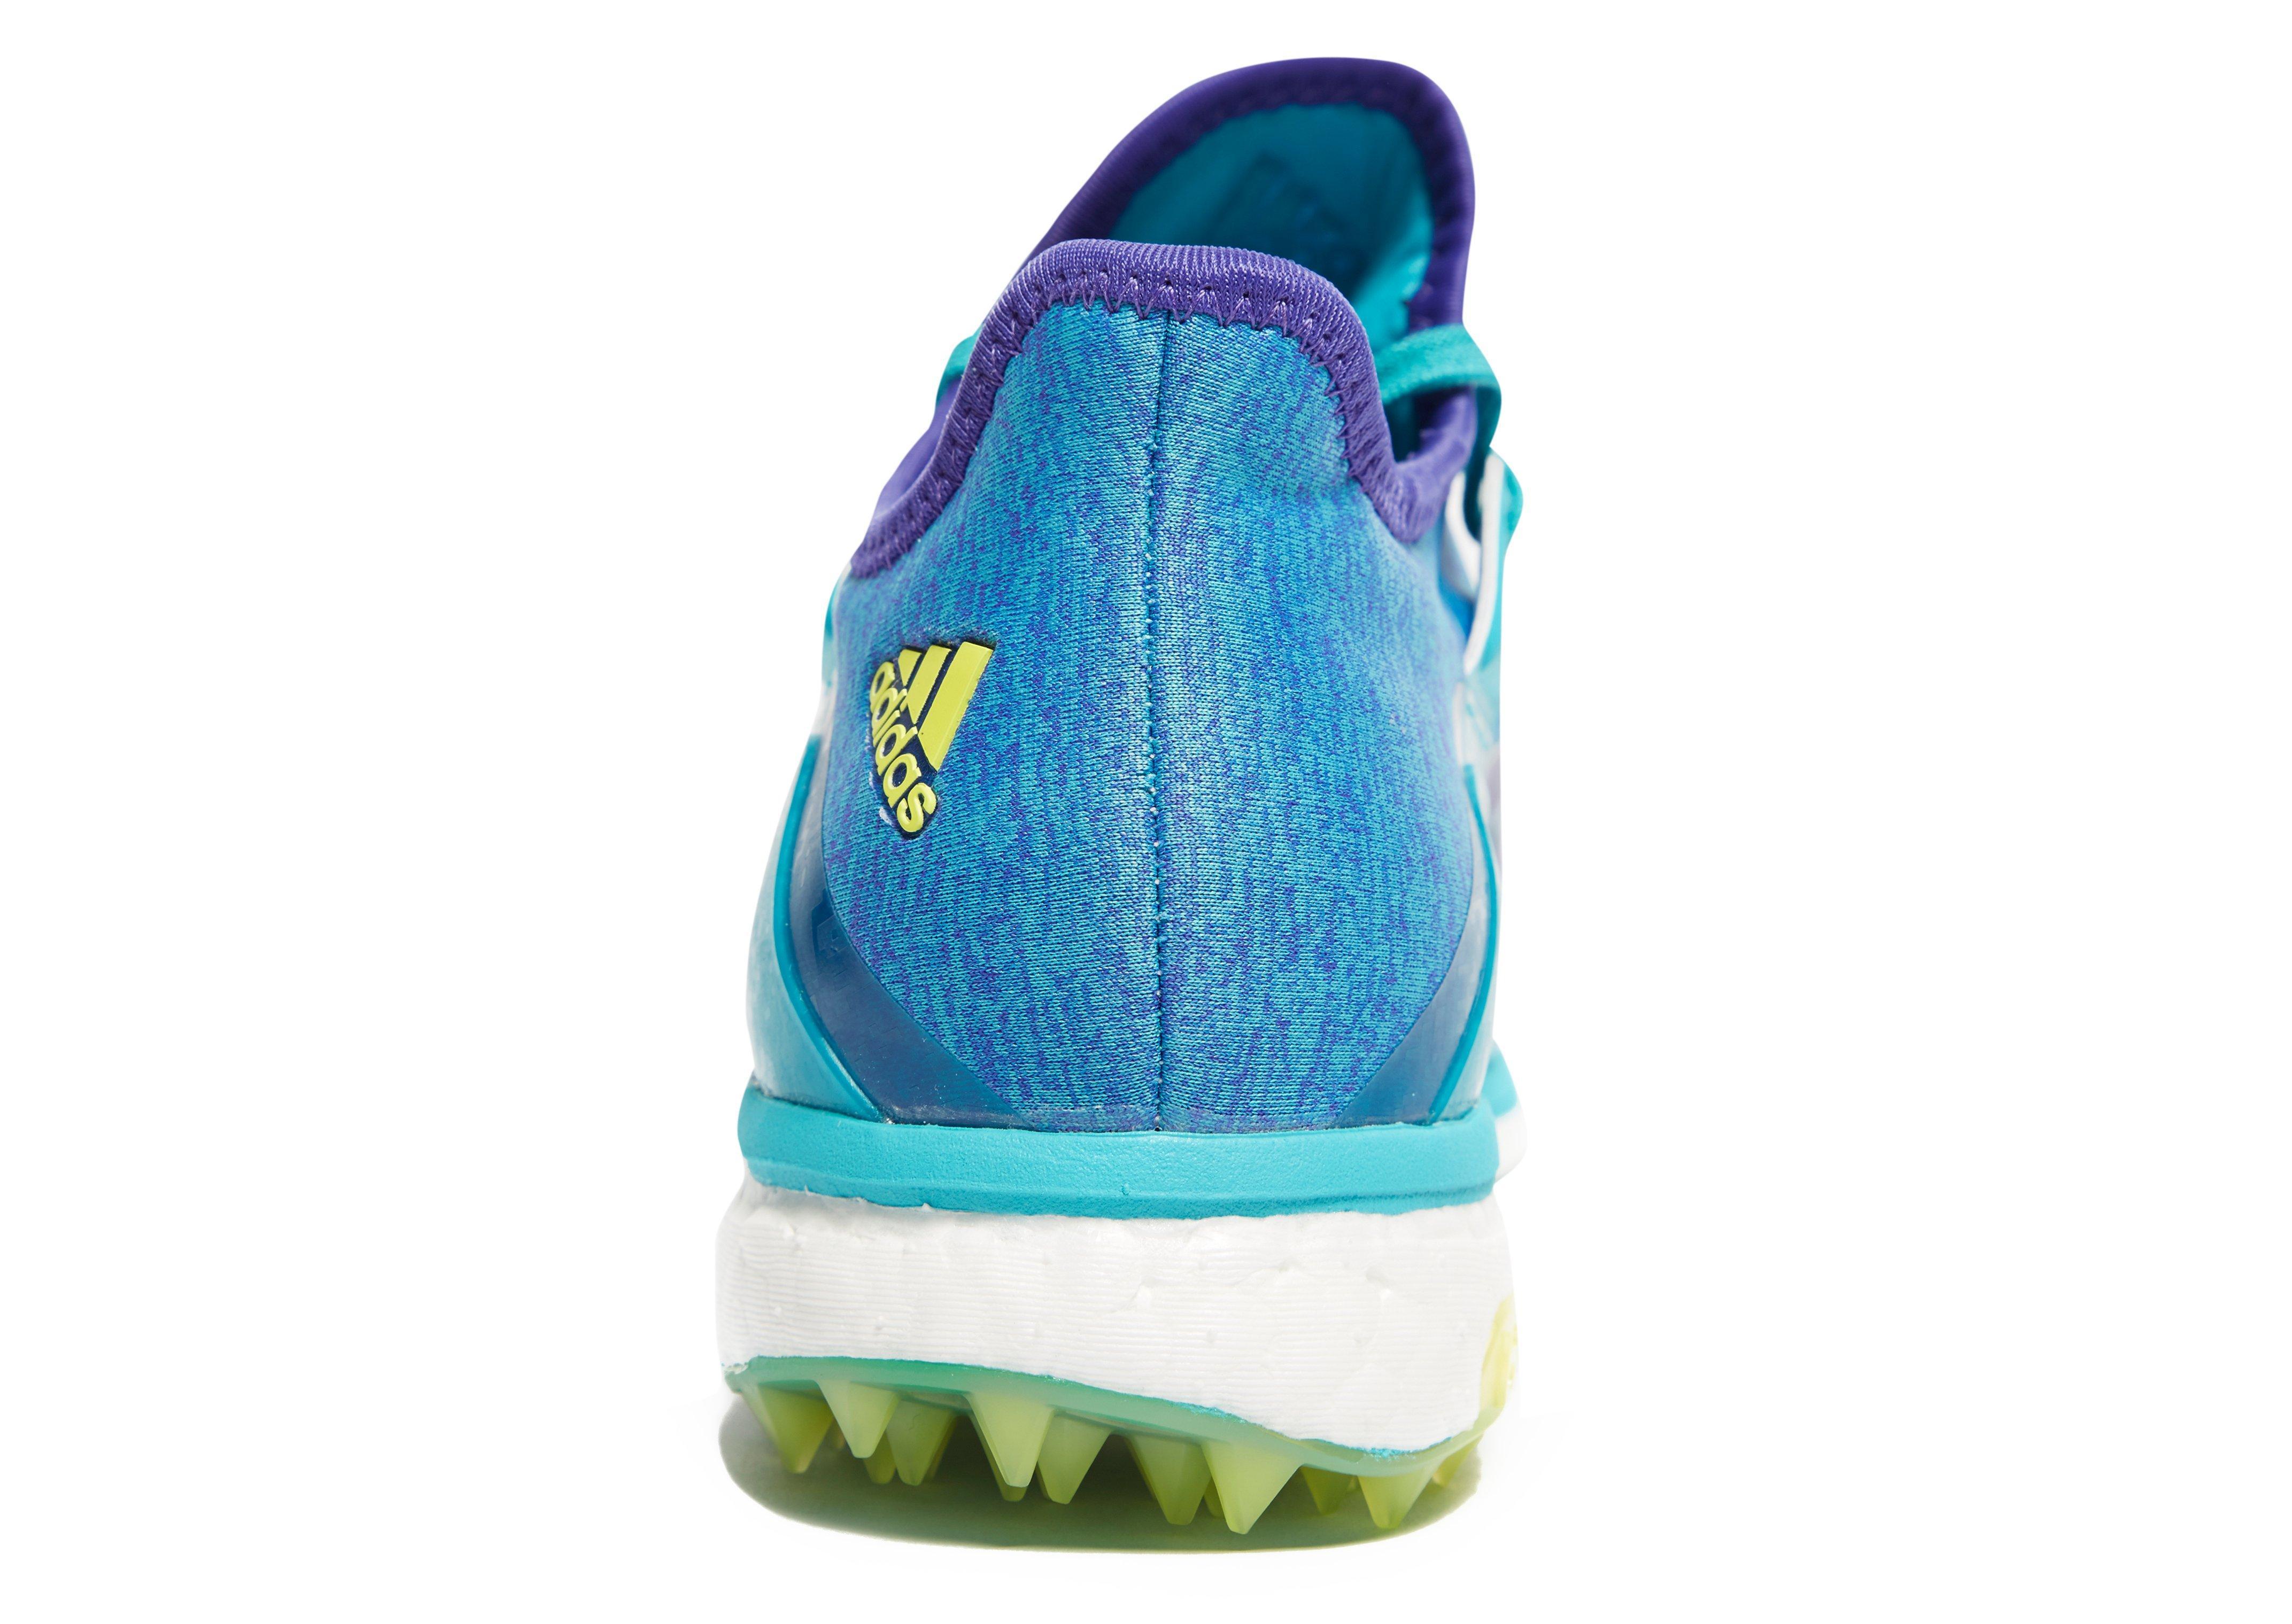 free shipping 59995 2b849 adidas Fabela X Aqua Hockey Shoes in Blue - Lyst